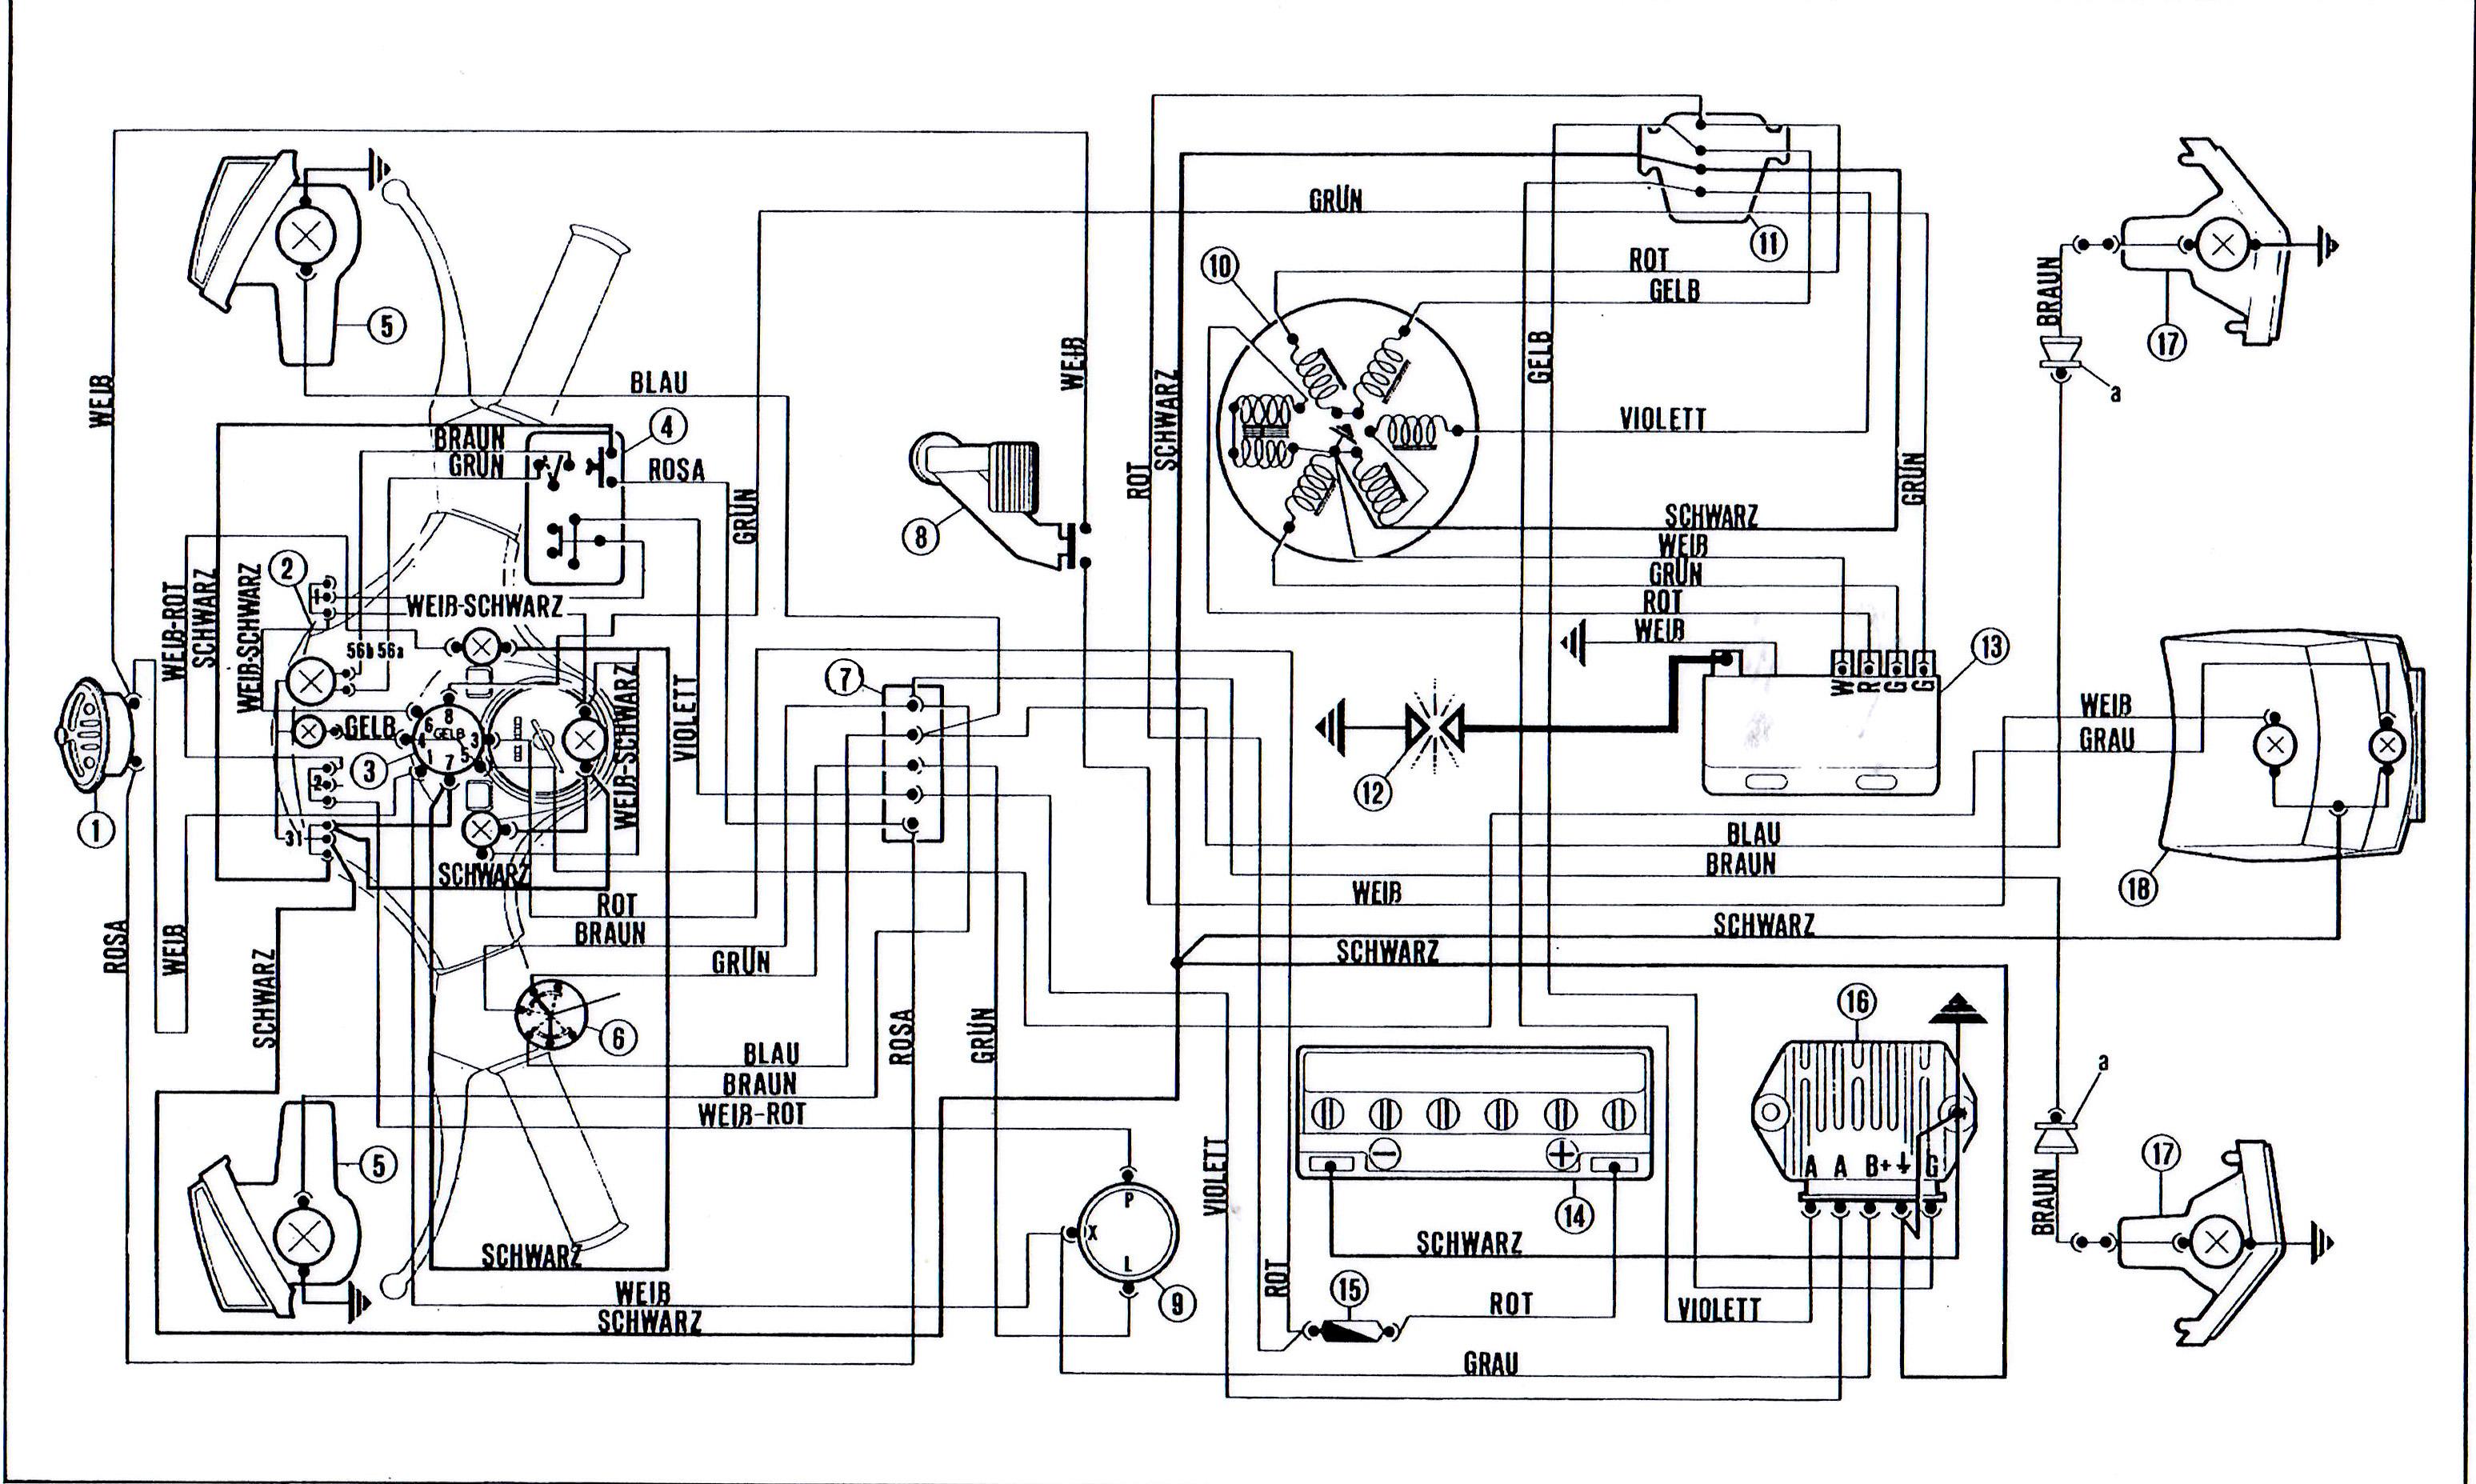 [DIAGRAM] Schema Conversione Impianto Elettrico Piaggio 50